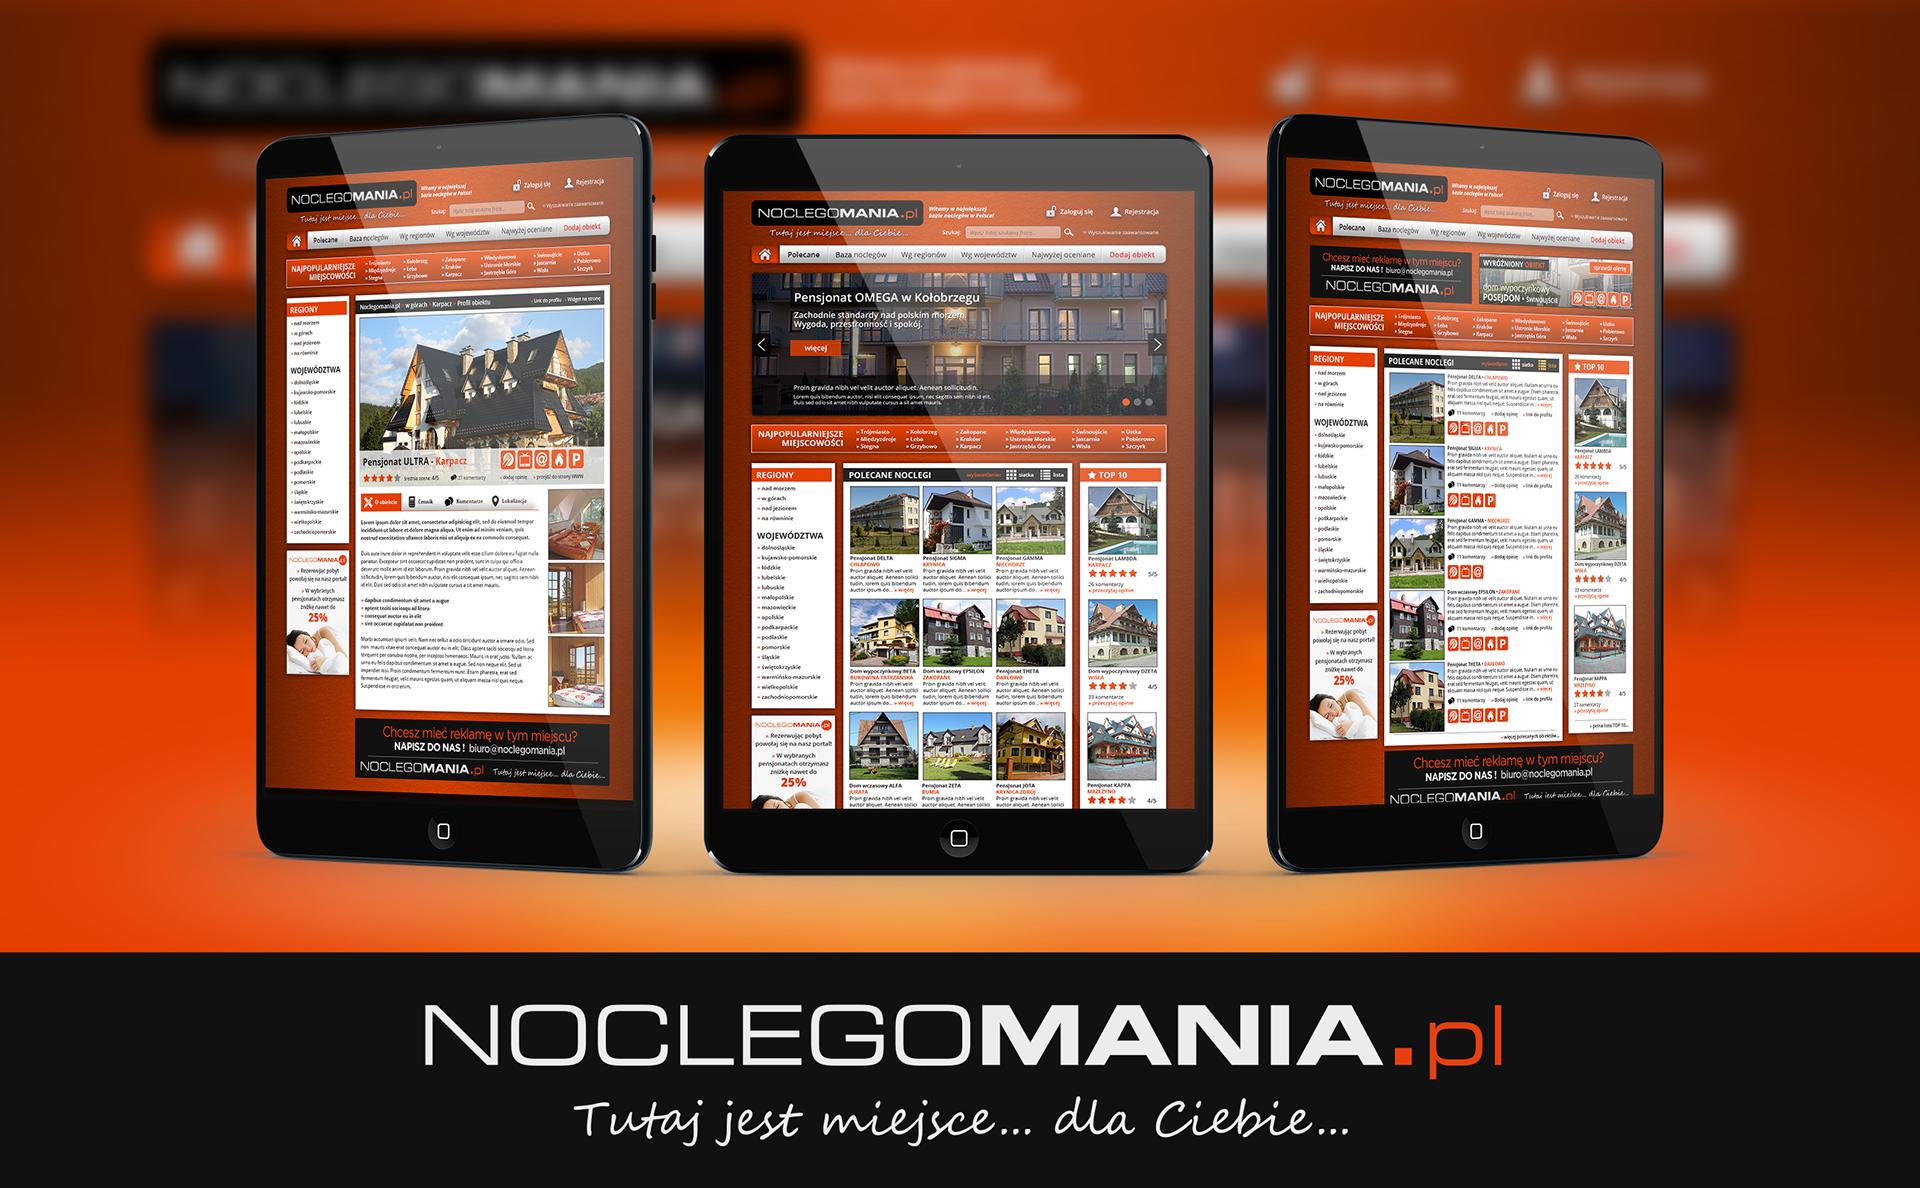 Noclegomania